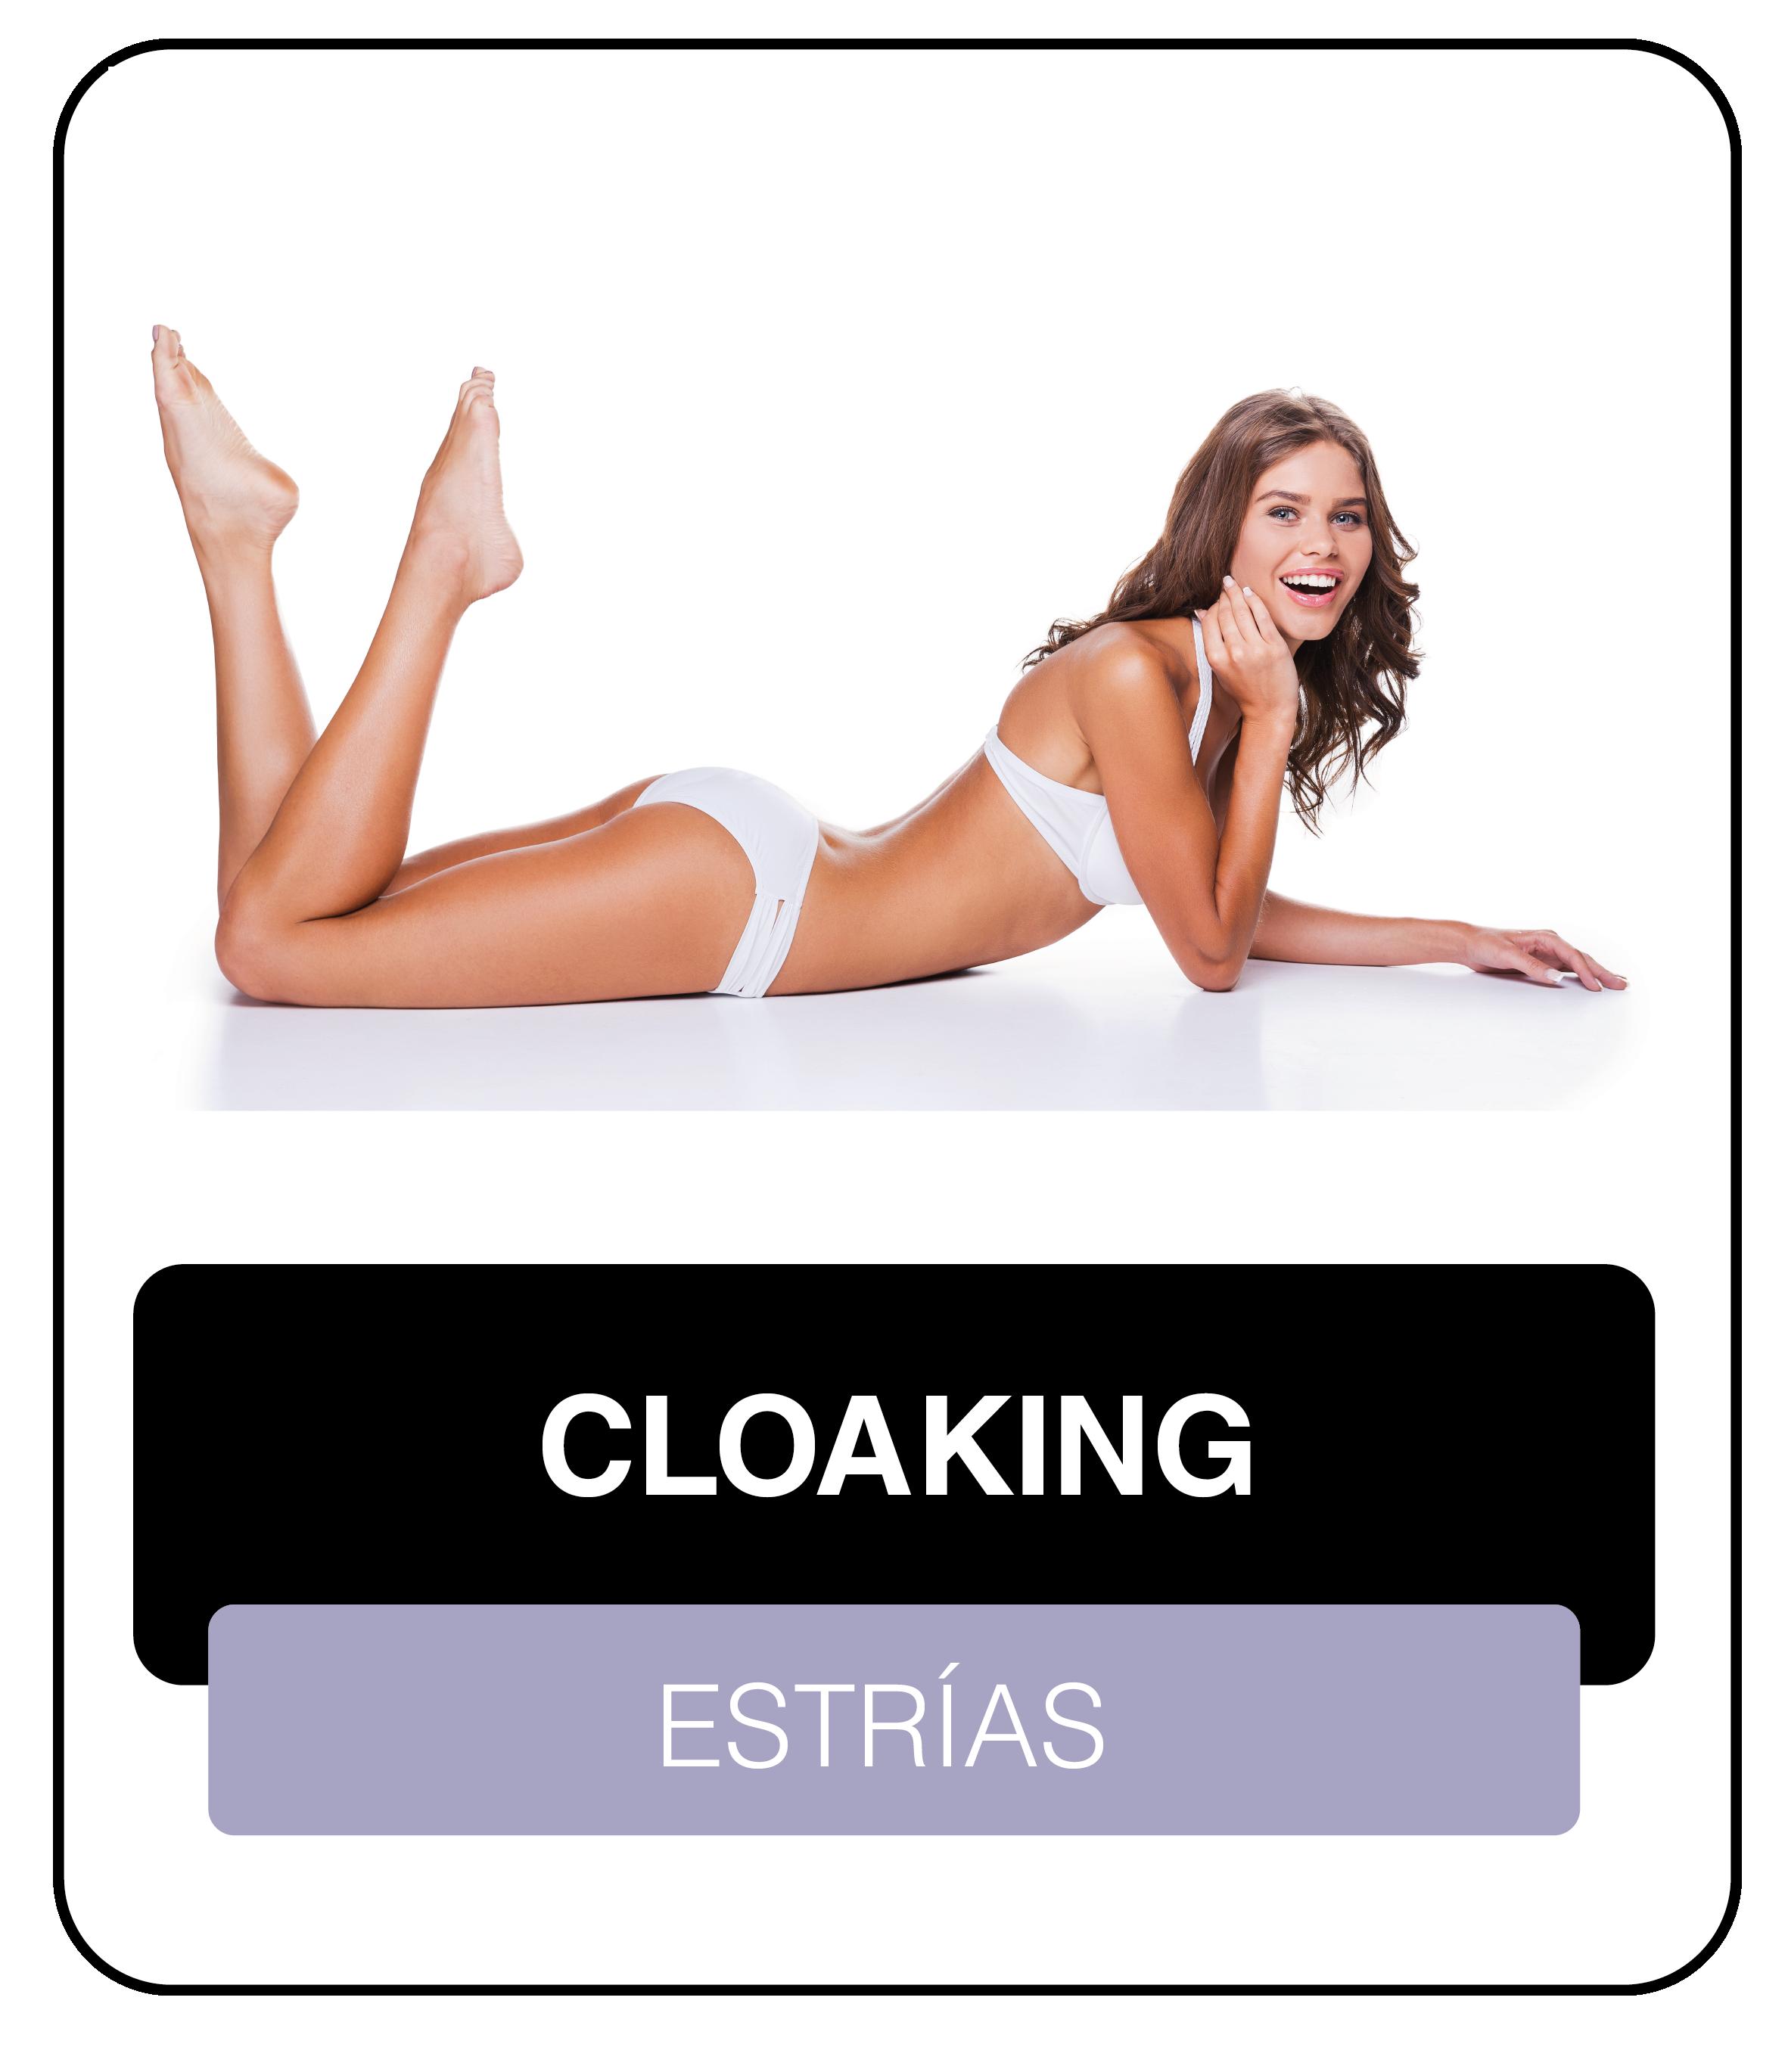 Cloaking para estrías